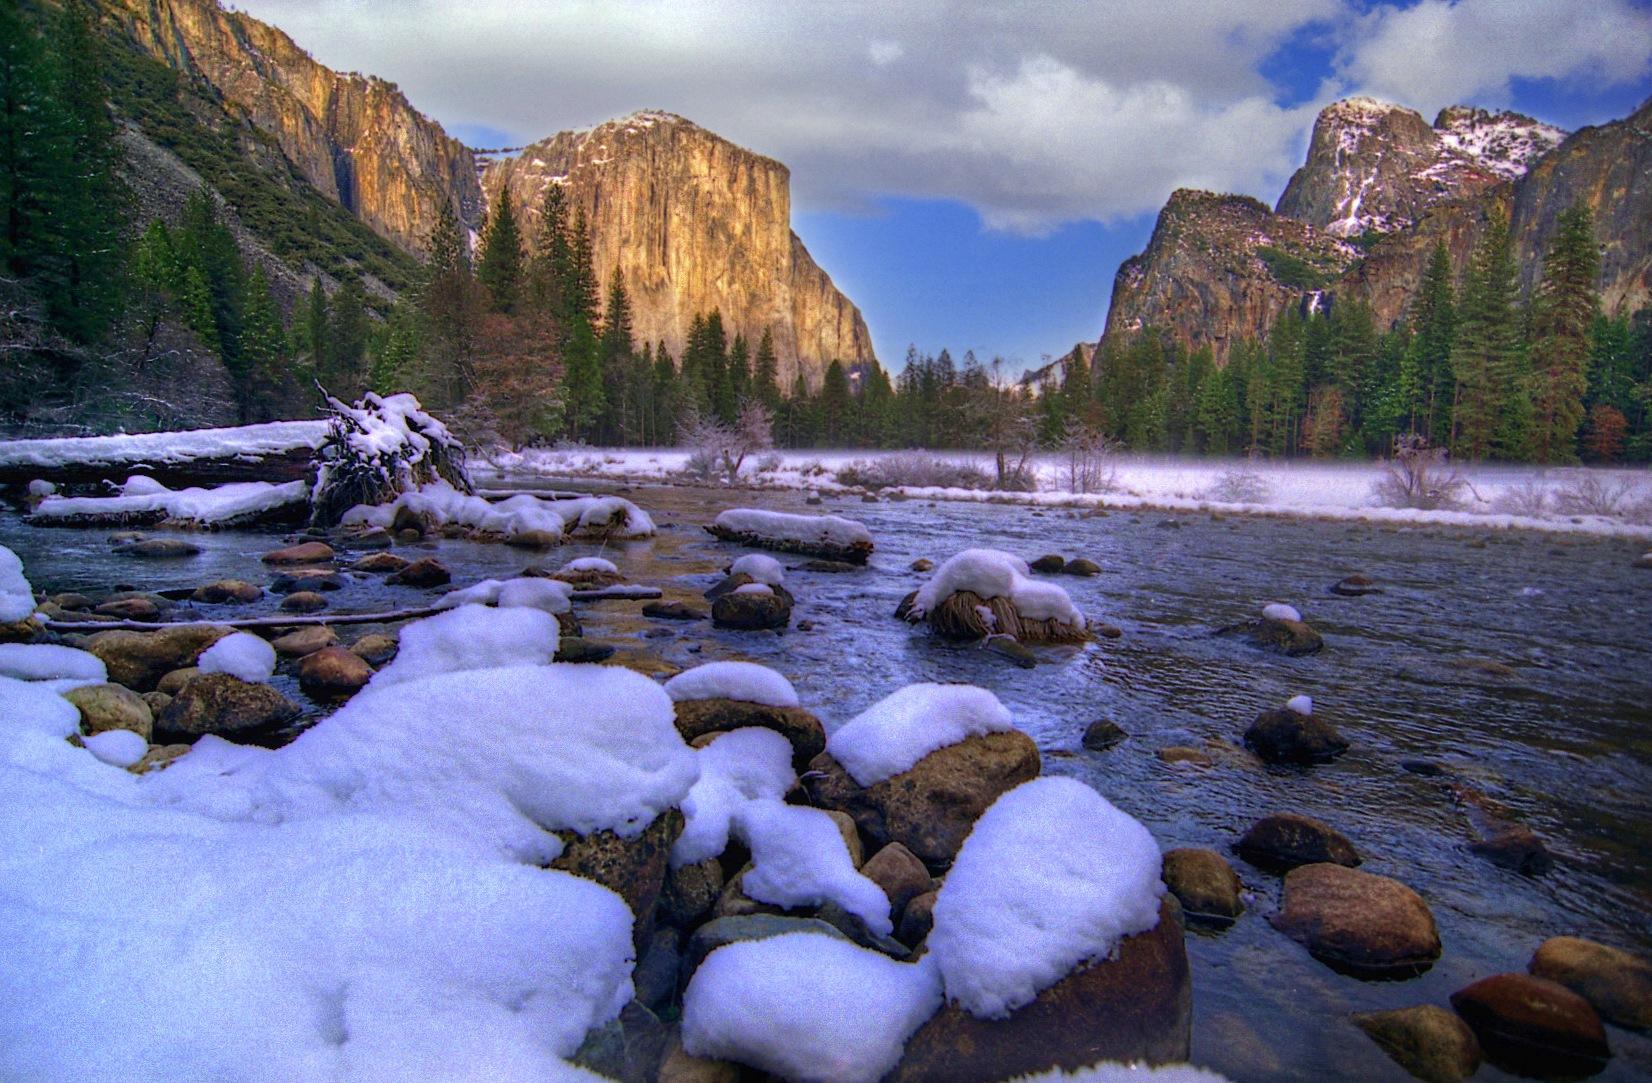 Yosemite in winter by Mark Teufel